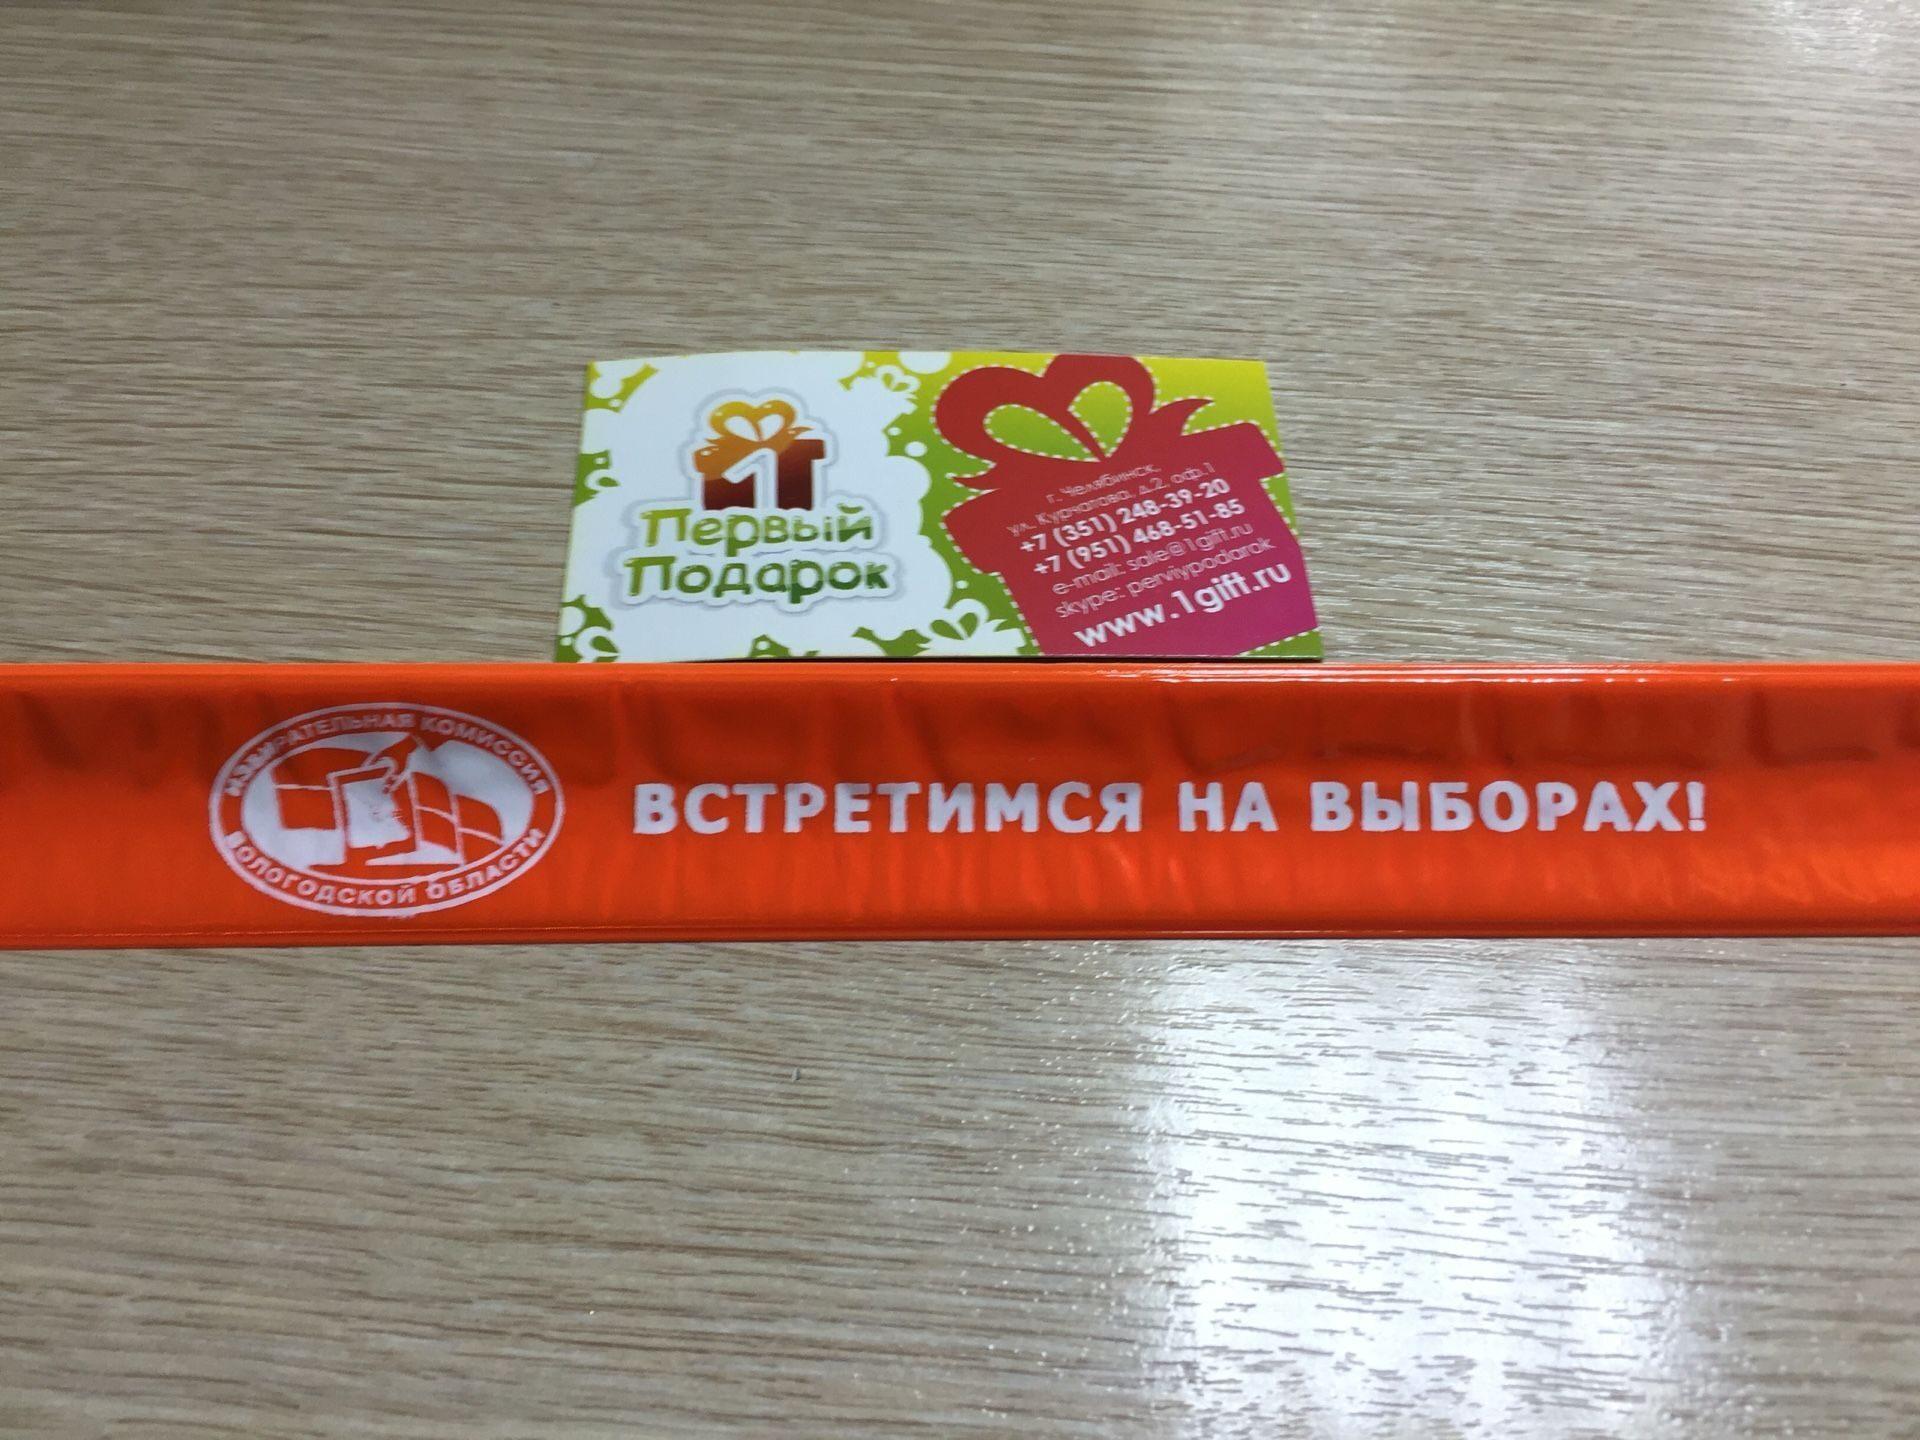 Заказать билет на экспресс до москвы